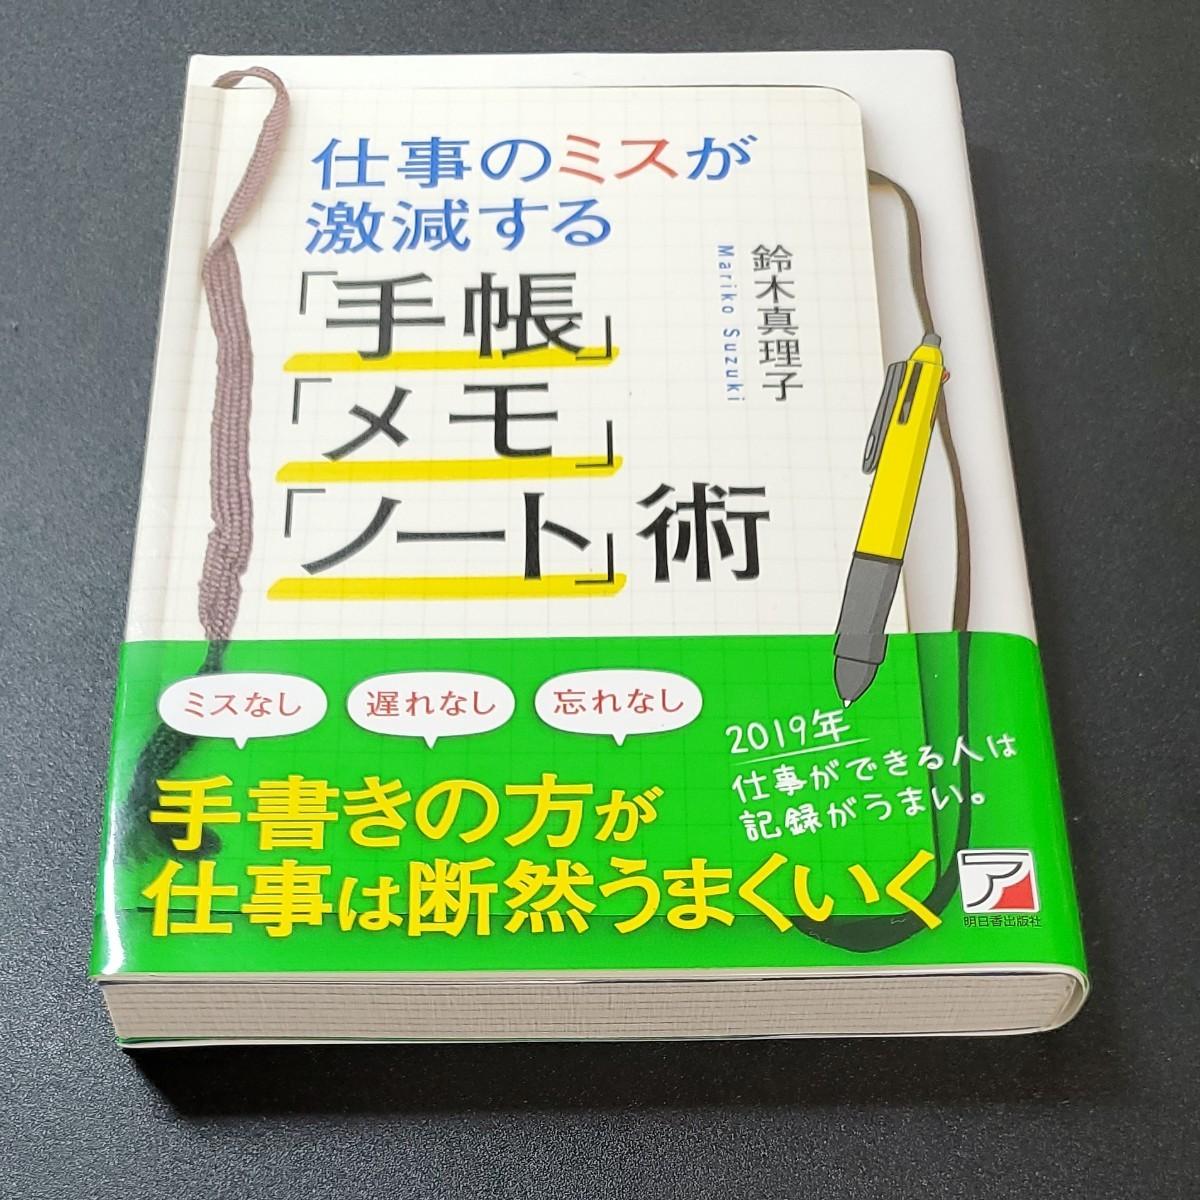 仕事のミスが激減する「手帳」「メモ」「ノート」術 鈴木真理子